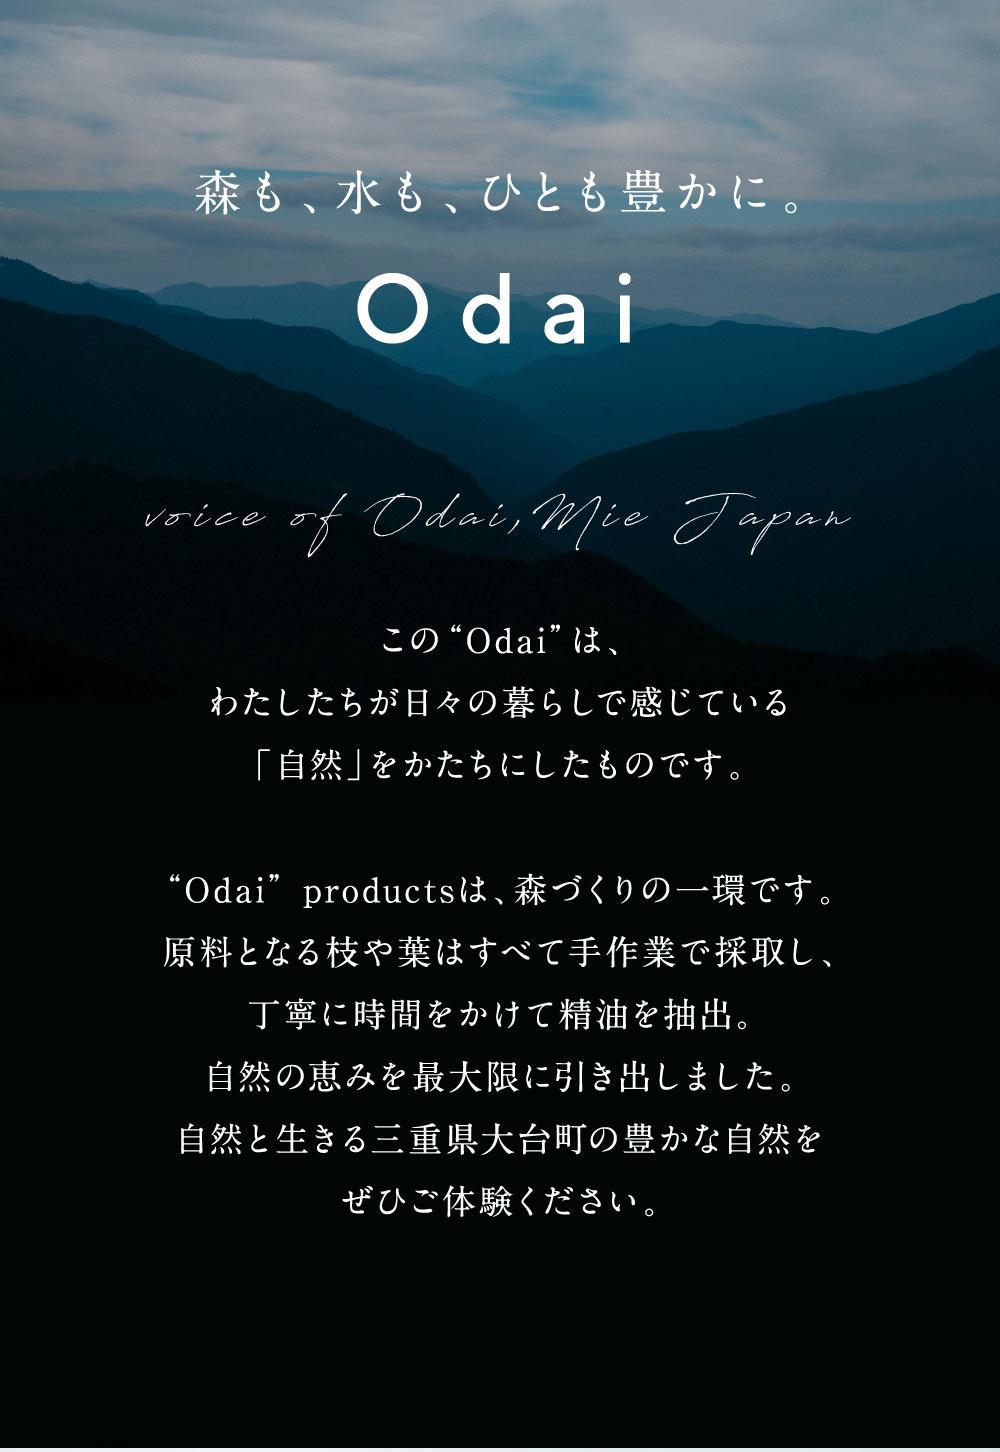 森も、水も、ひとも豊かに。Odaiはわたしたちが日々の暮らしで感じている「自然」を形にしたものです。